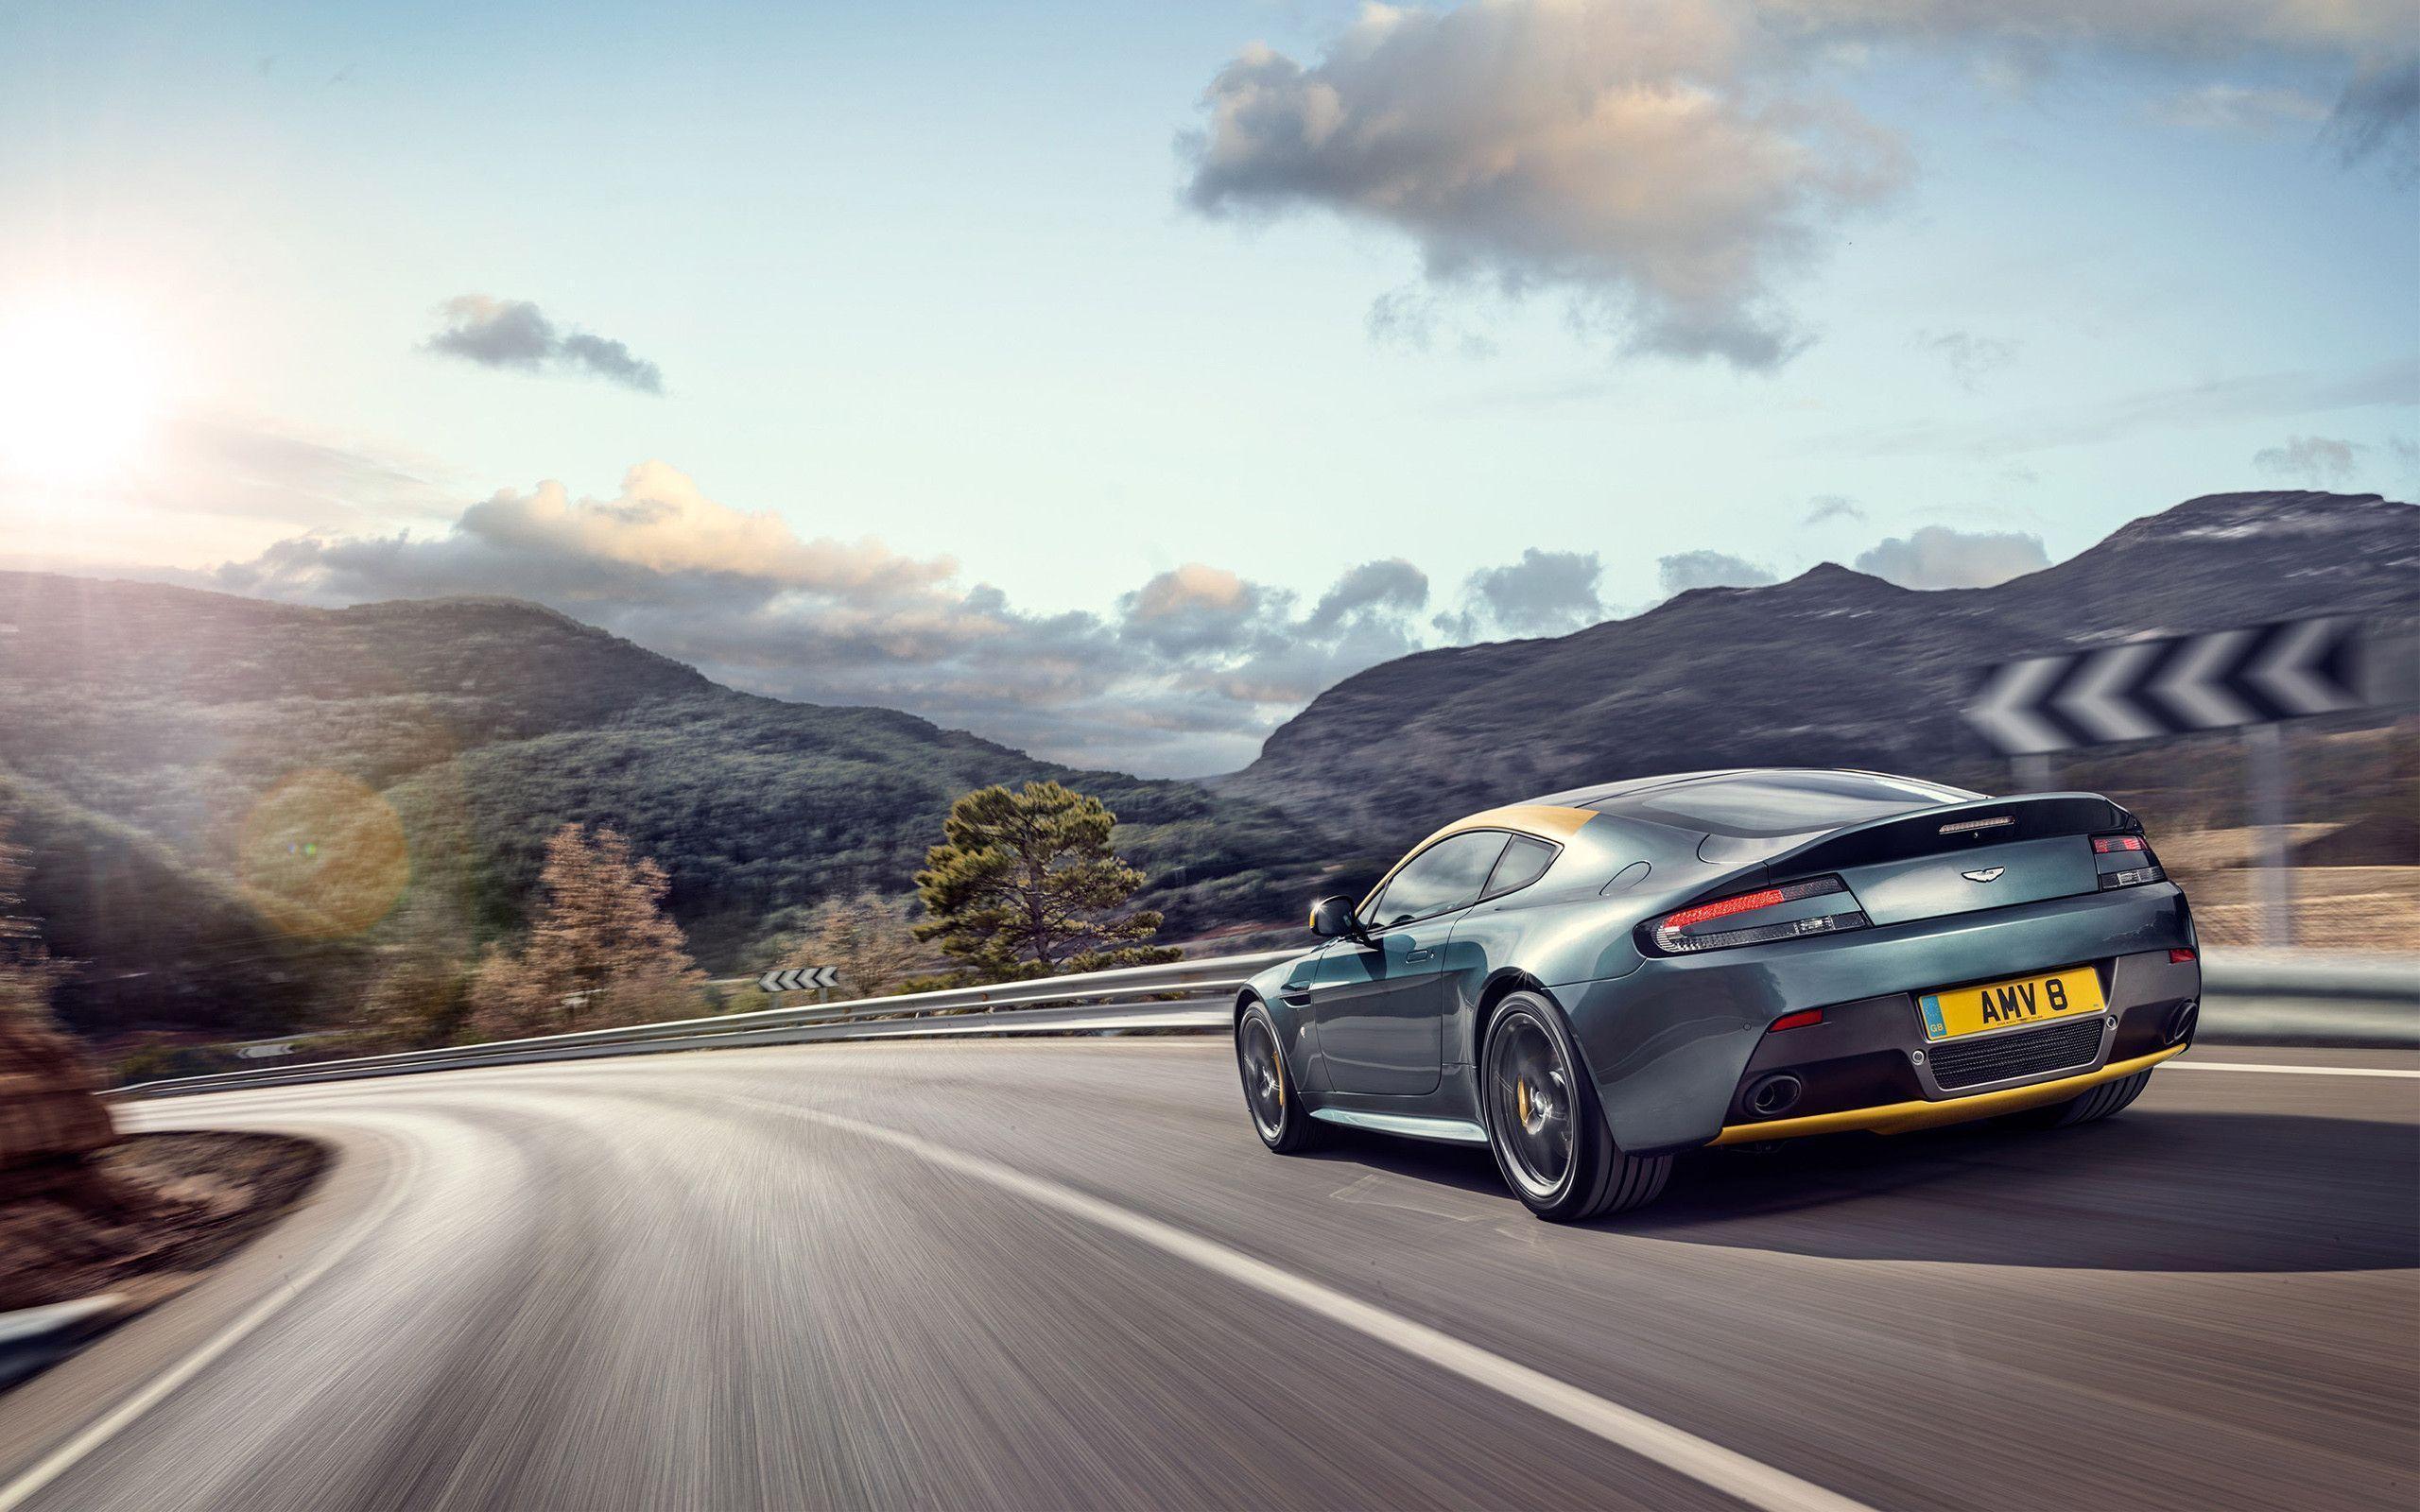 Aston Martin Car Wallpapers,Pictures | Aston Martin Widescreen .